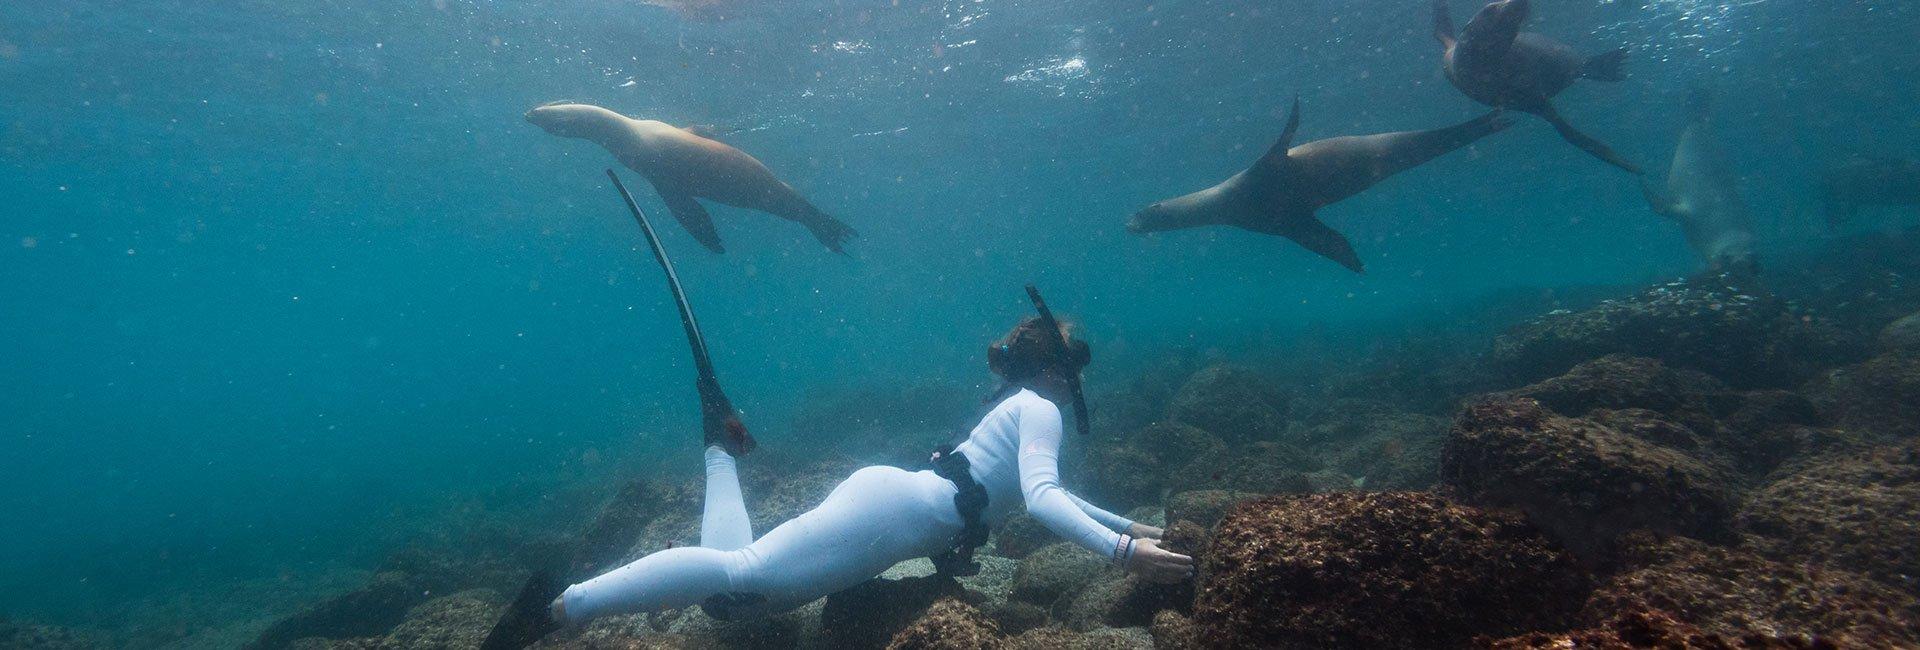 8_Underwater_Splender